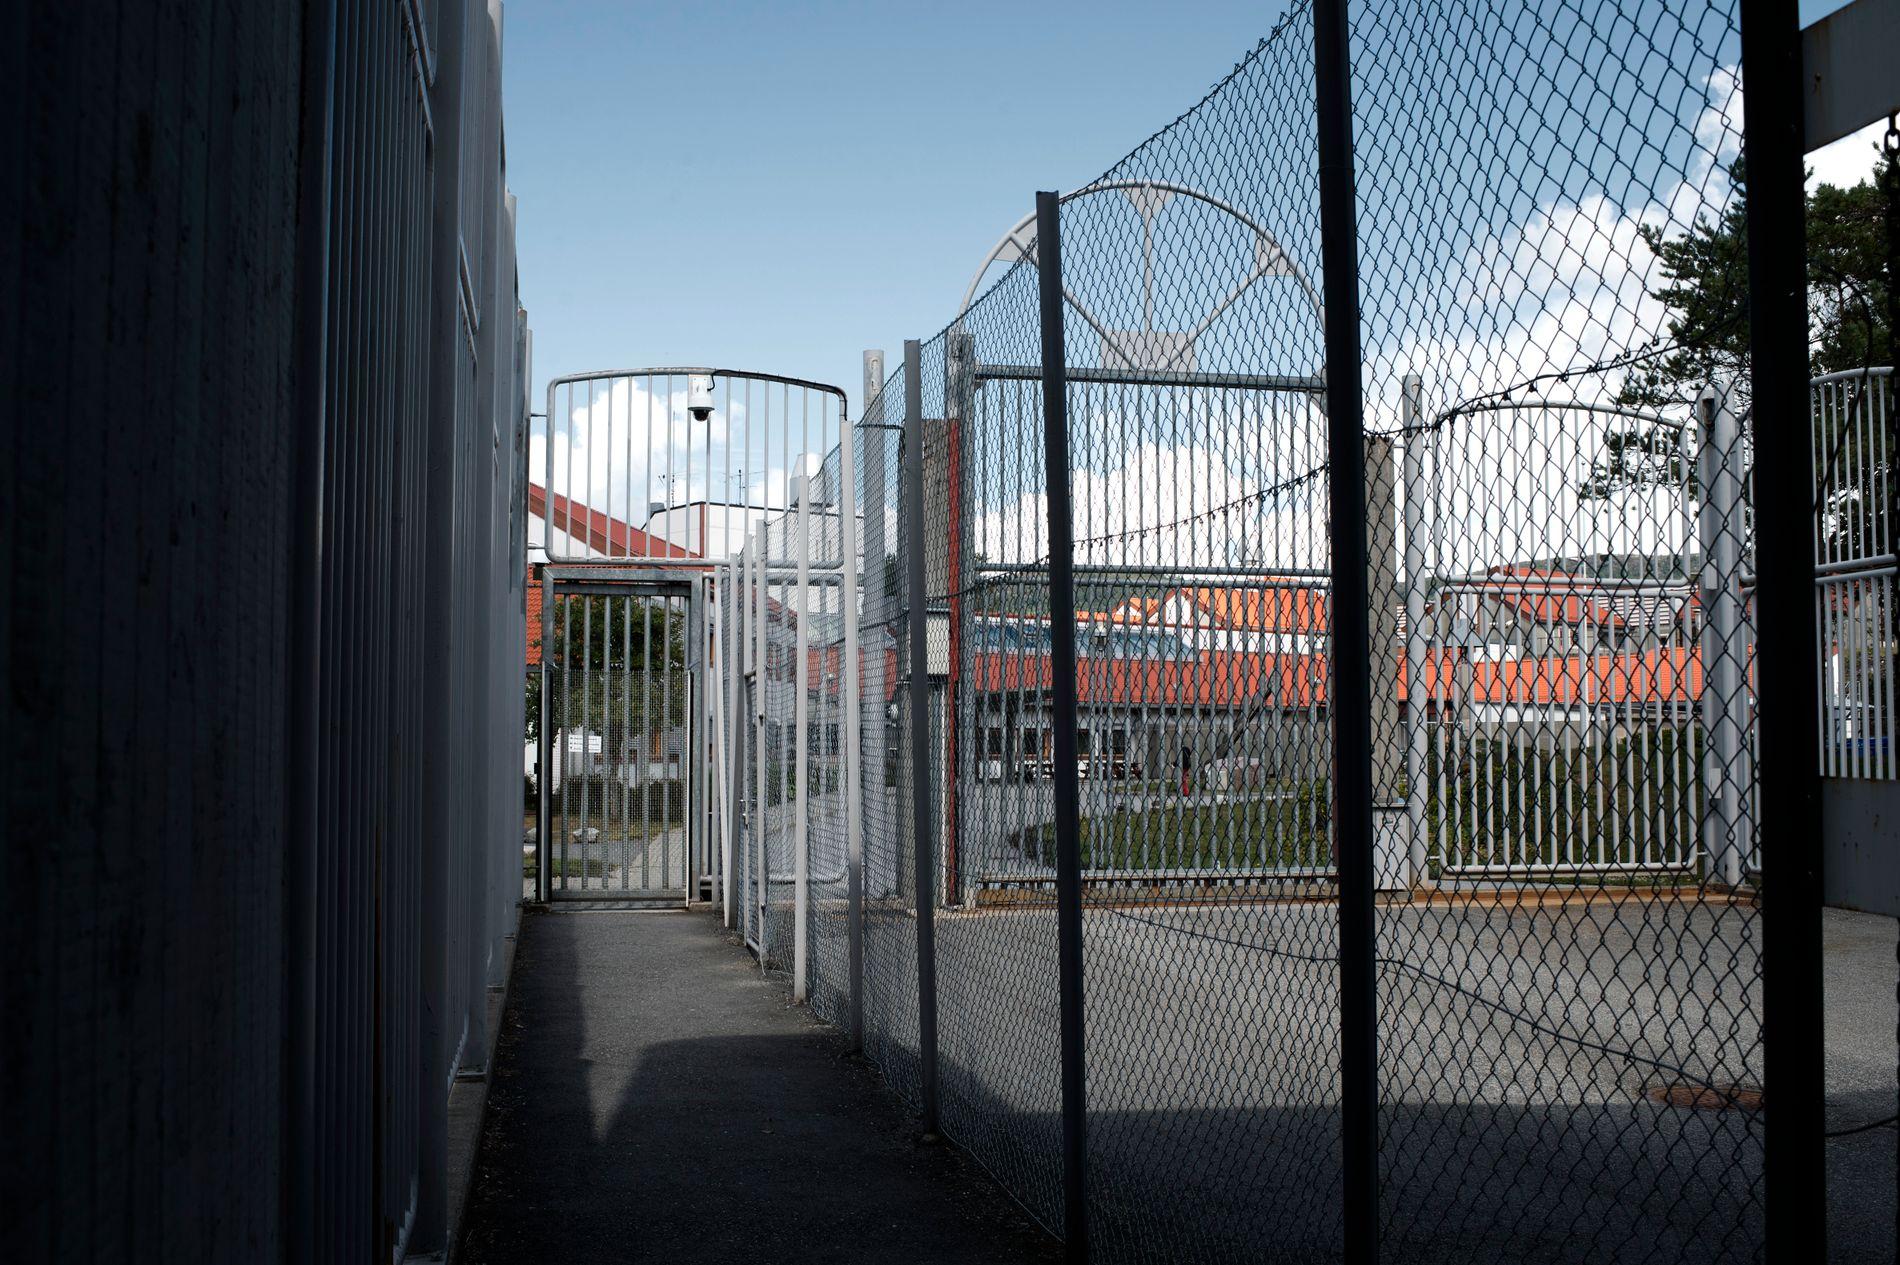 UNNGÅ FENGSEL: Poenget med ungdomsstraff er å holde ungdom unna fengsel. Da må de også få den hjelpen de trenger utenfor murene, skriver BT på lederplass.